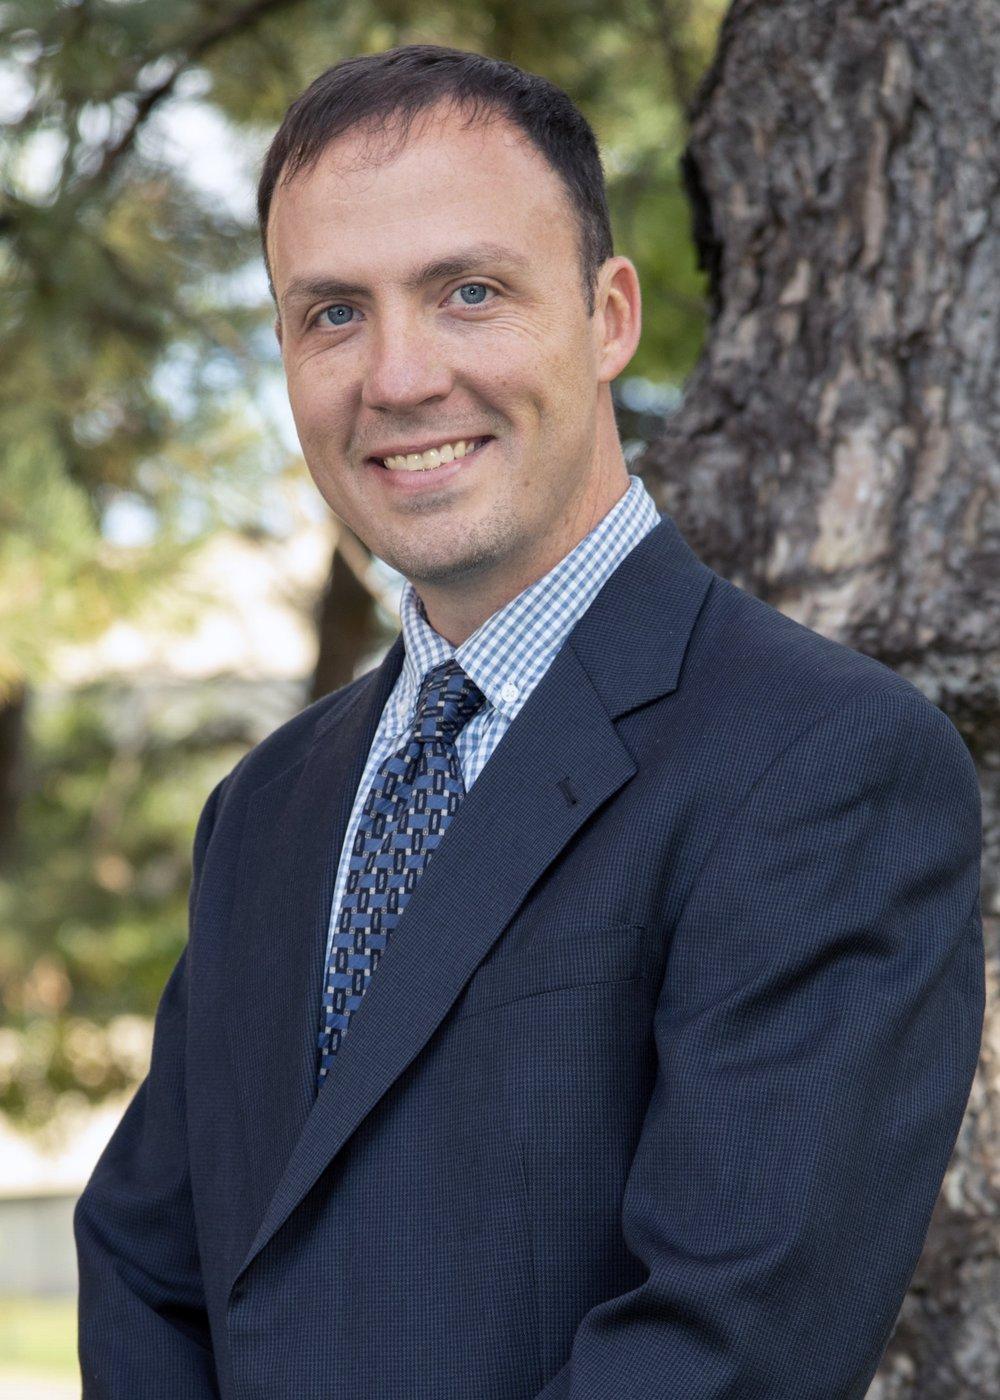 Shawn Hoffman